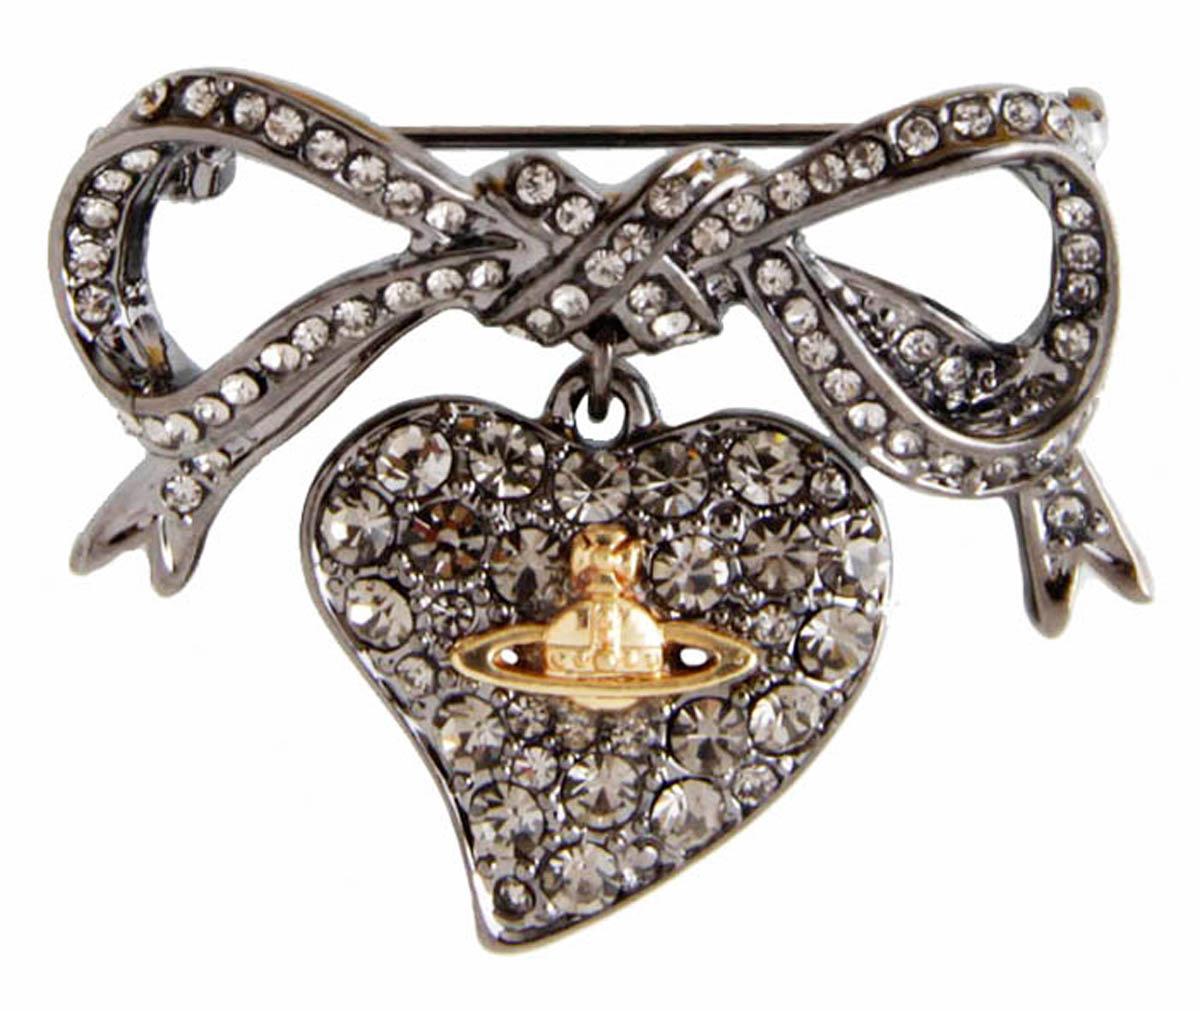 Брошь Сердце в стиле Vivienne Westwood. Бижутерный сплав, кристаллыАжурная брошьБрошь Сердце в стиле Vivienne Westwood. Бижутерный сплав, кристаллы. Размер 3,5 х 3,5 см. Сохранность хорошая. Предмет не был в использовании.Филигранная брошь выполнена из бижутерного сплава серебряного тона.Очаровательная, притягивающая взгляды брошь.Снабжена удобной и надежной застежкой.Брошь - отличное дополнение вашего наряда.